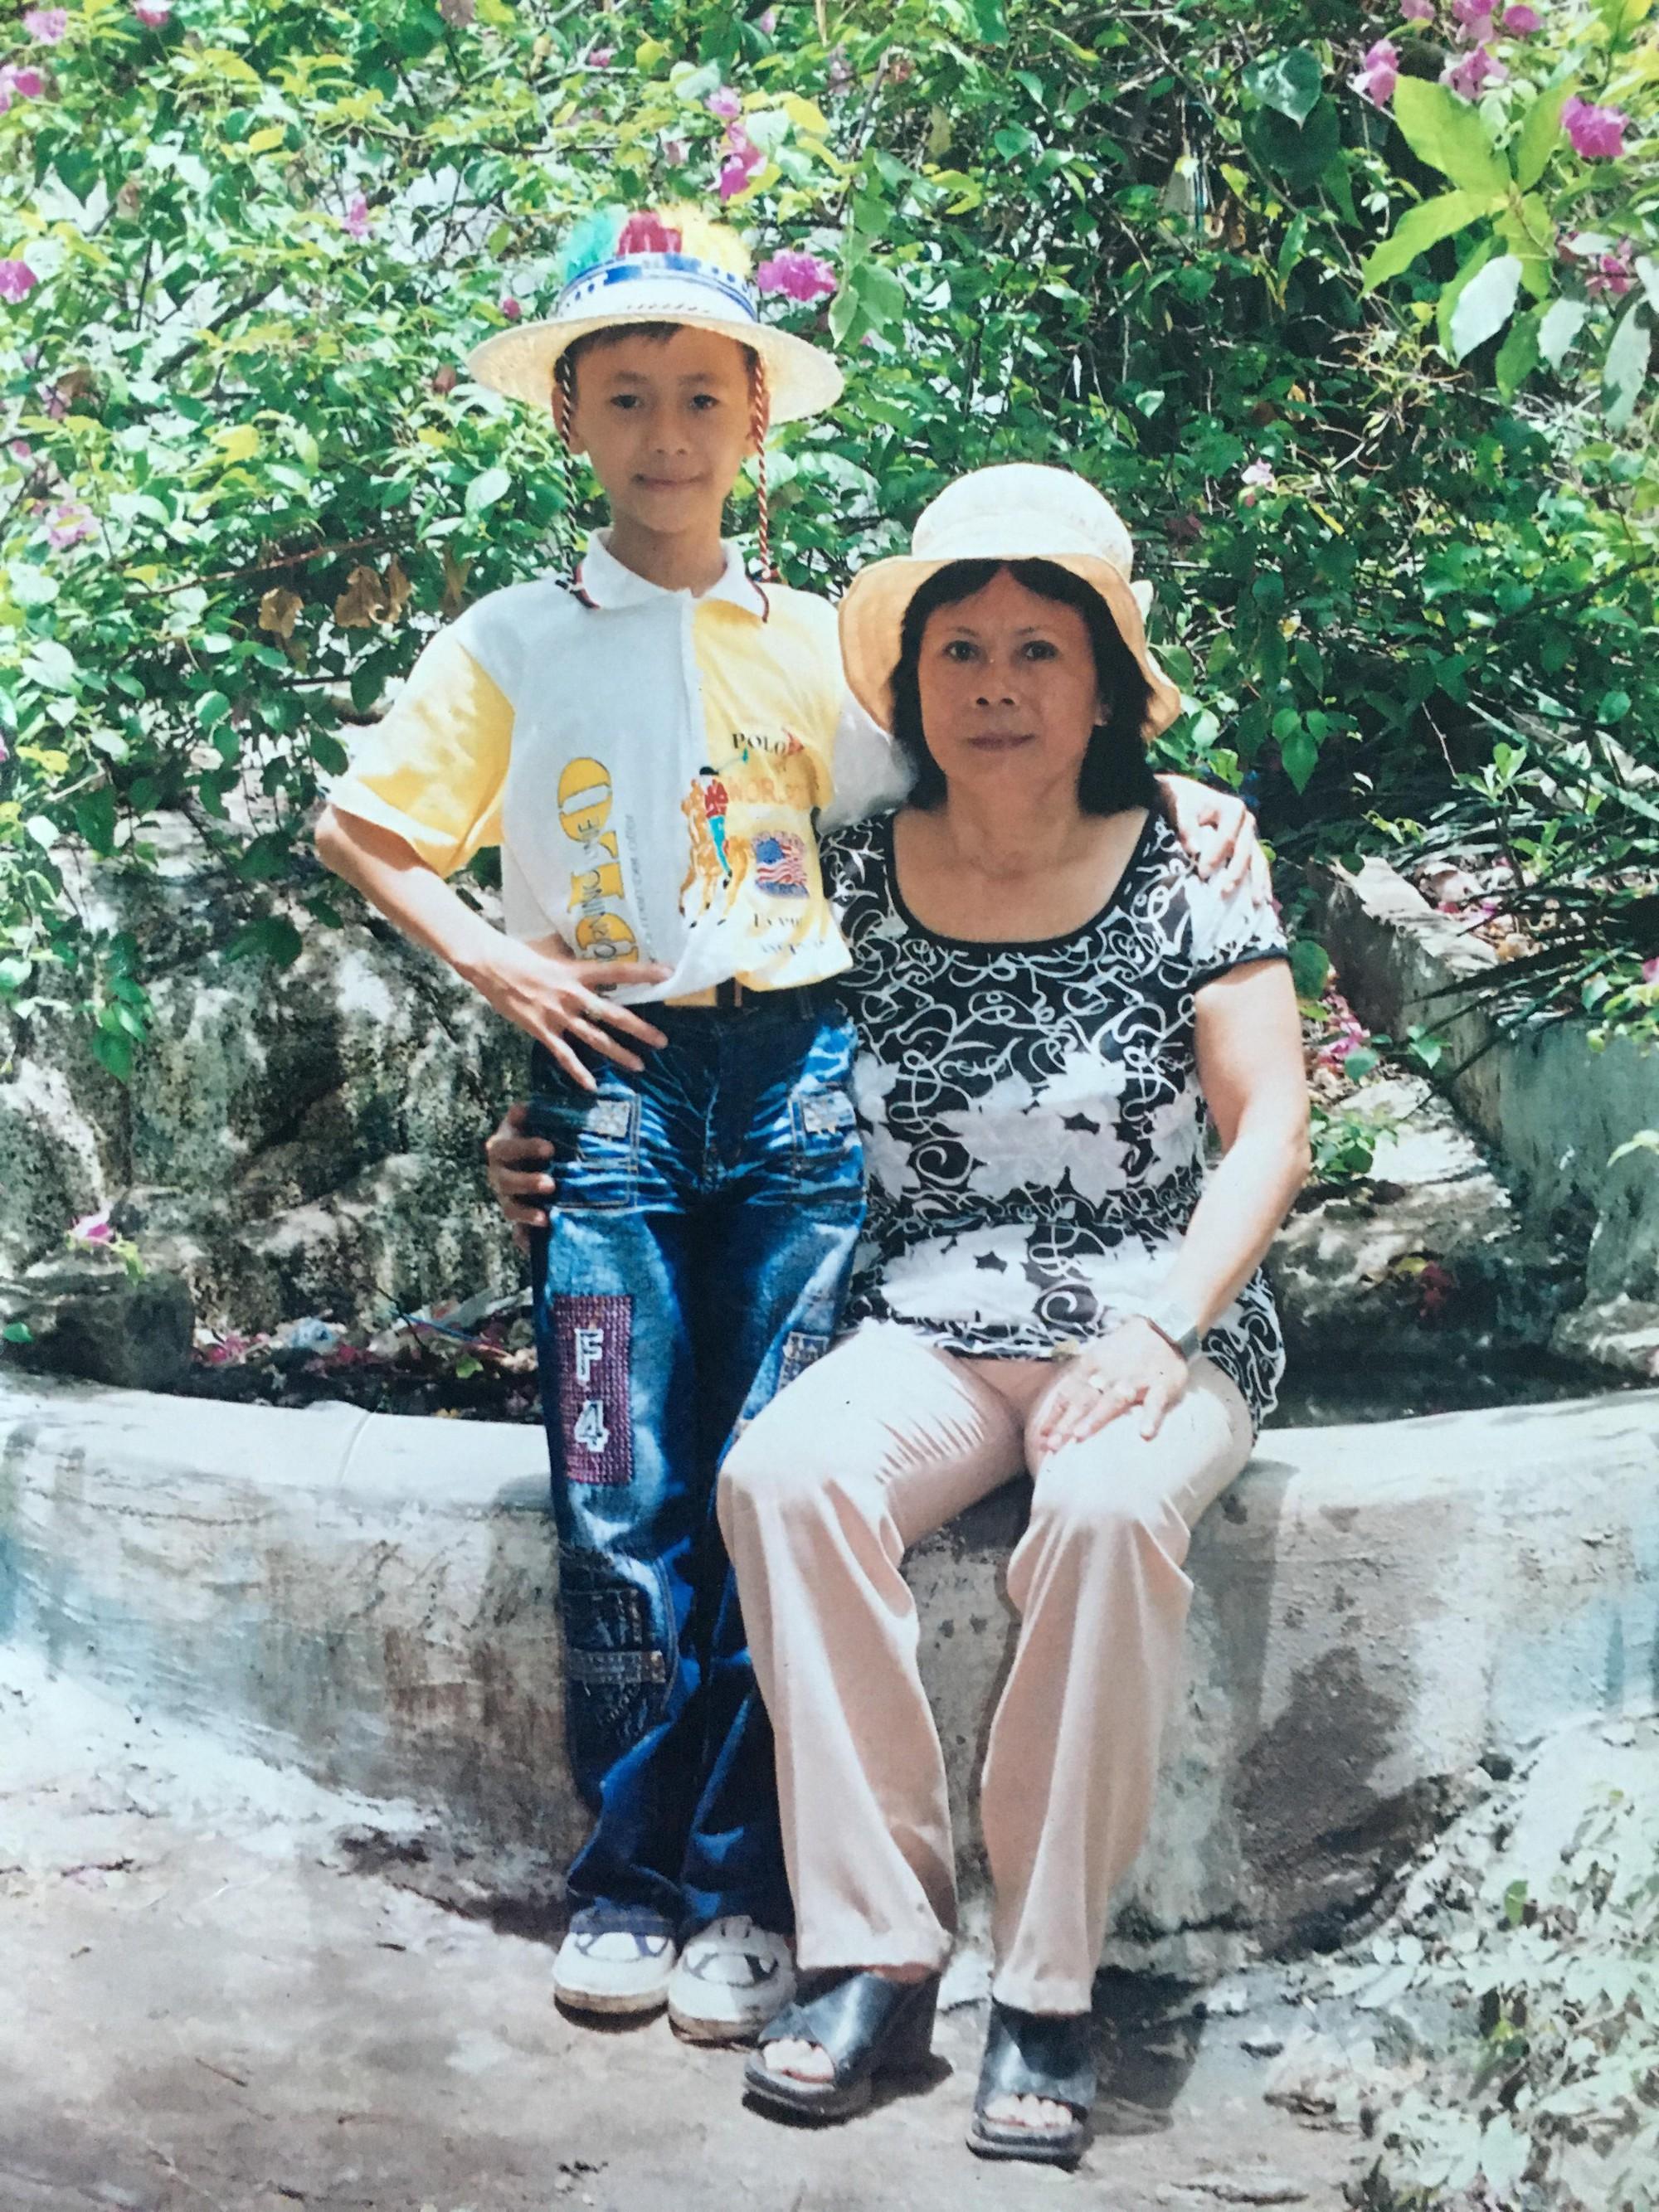 Trang nhật ký xúc động về mẹ của cậu trai bị liệt nửa người và tâm sự của những đứa con không còn mẹ - Ảnh 6.